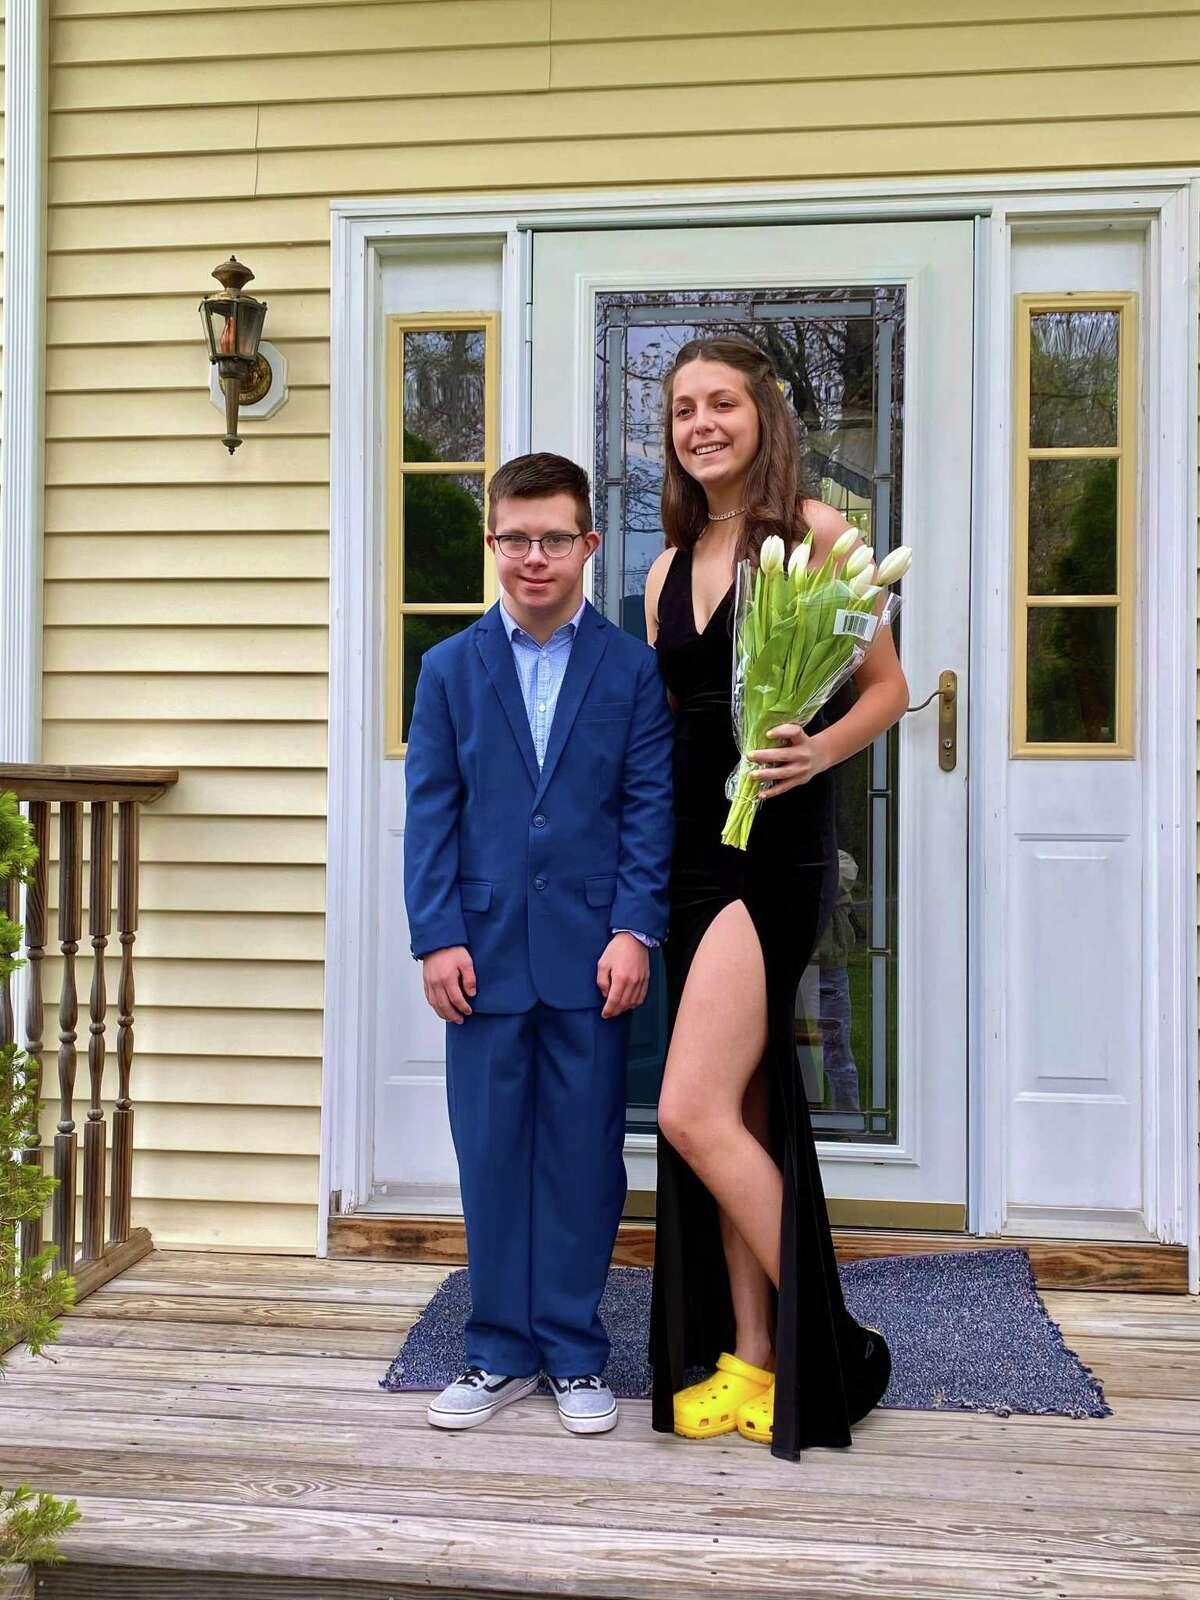 Connor Dawson and Christina Pascento